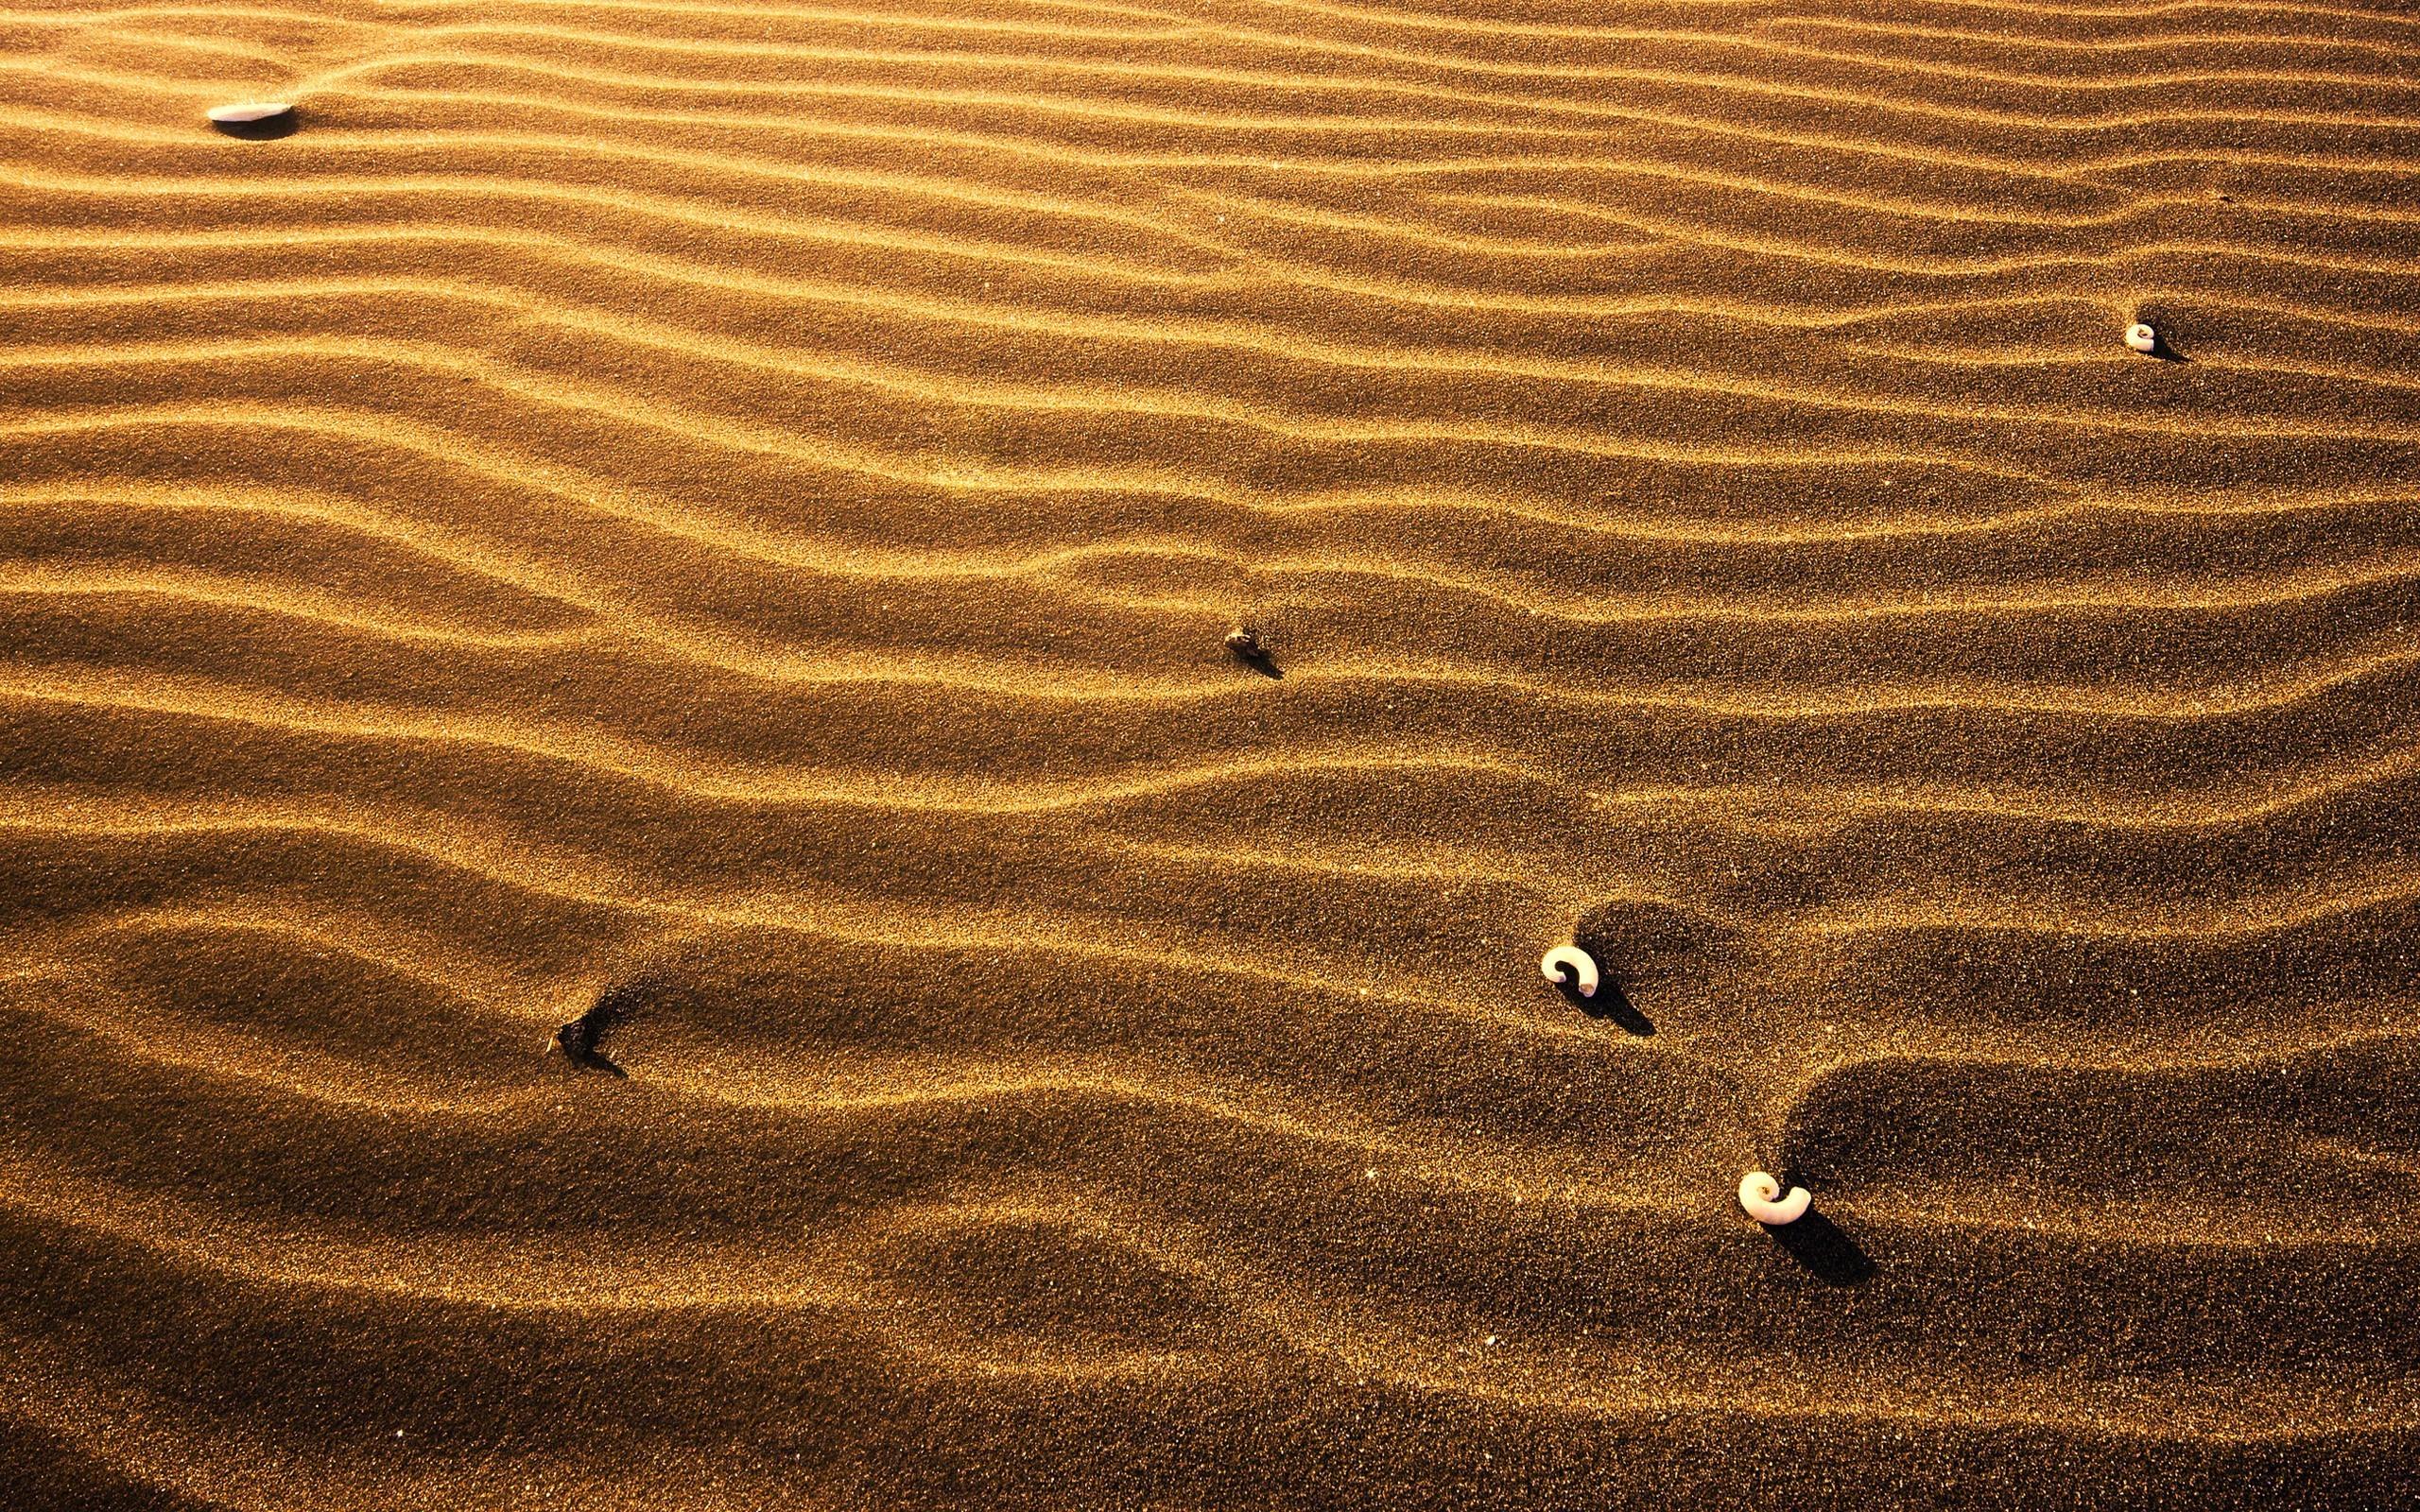 покупке фон песок фото высокого разрешения заметку, существует большое